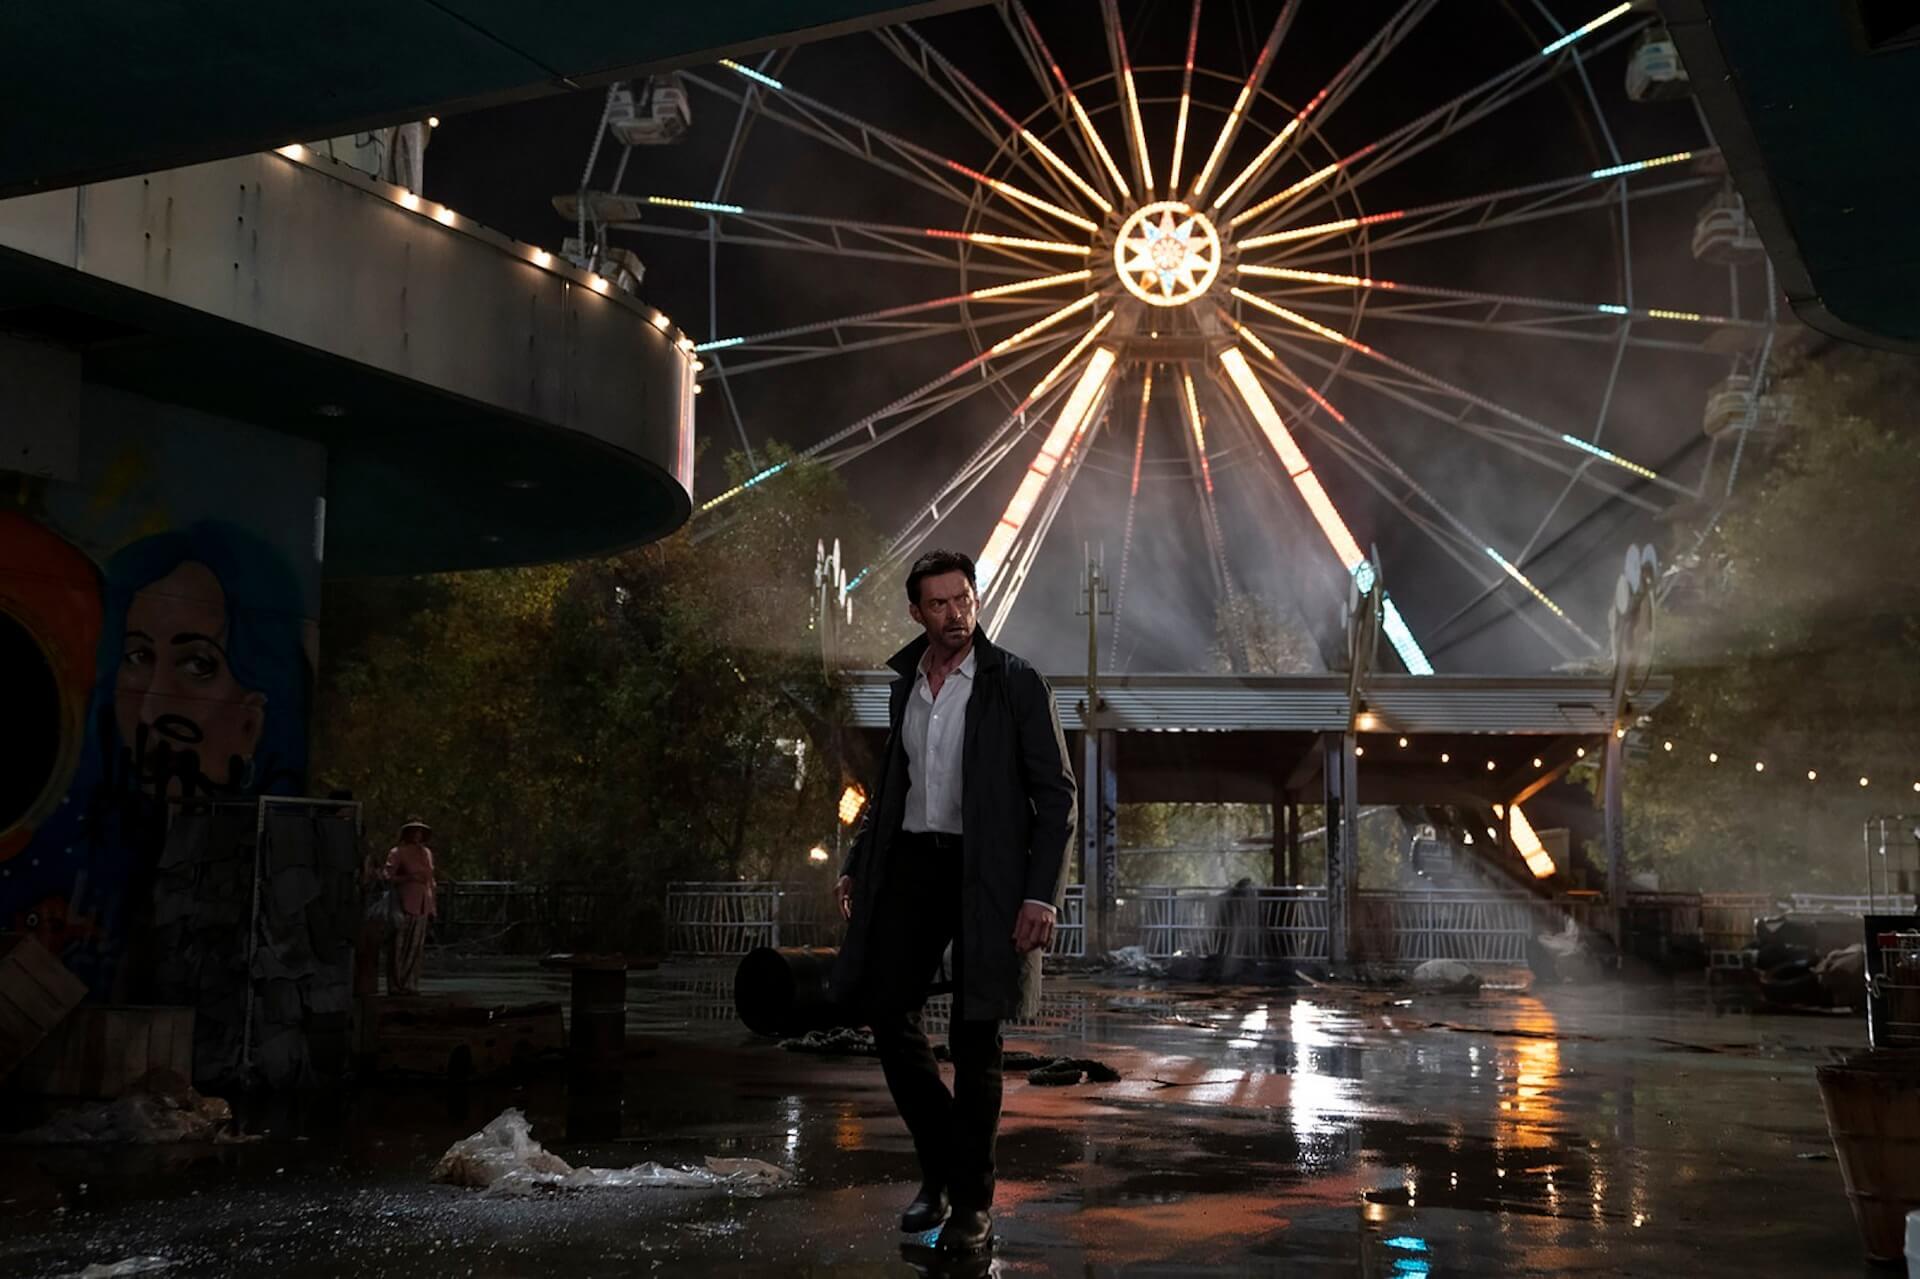 ヒュー・ジャックマンが人の記憶に潜入する!ジョナサン・ノーラン製作『レミニセンス』が日本公開決定 film210604_reminiscence_main